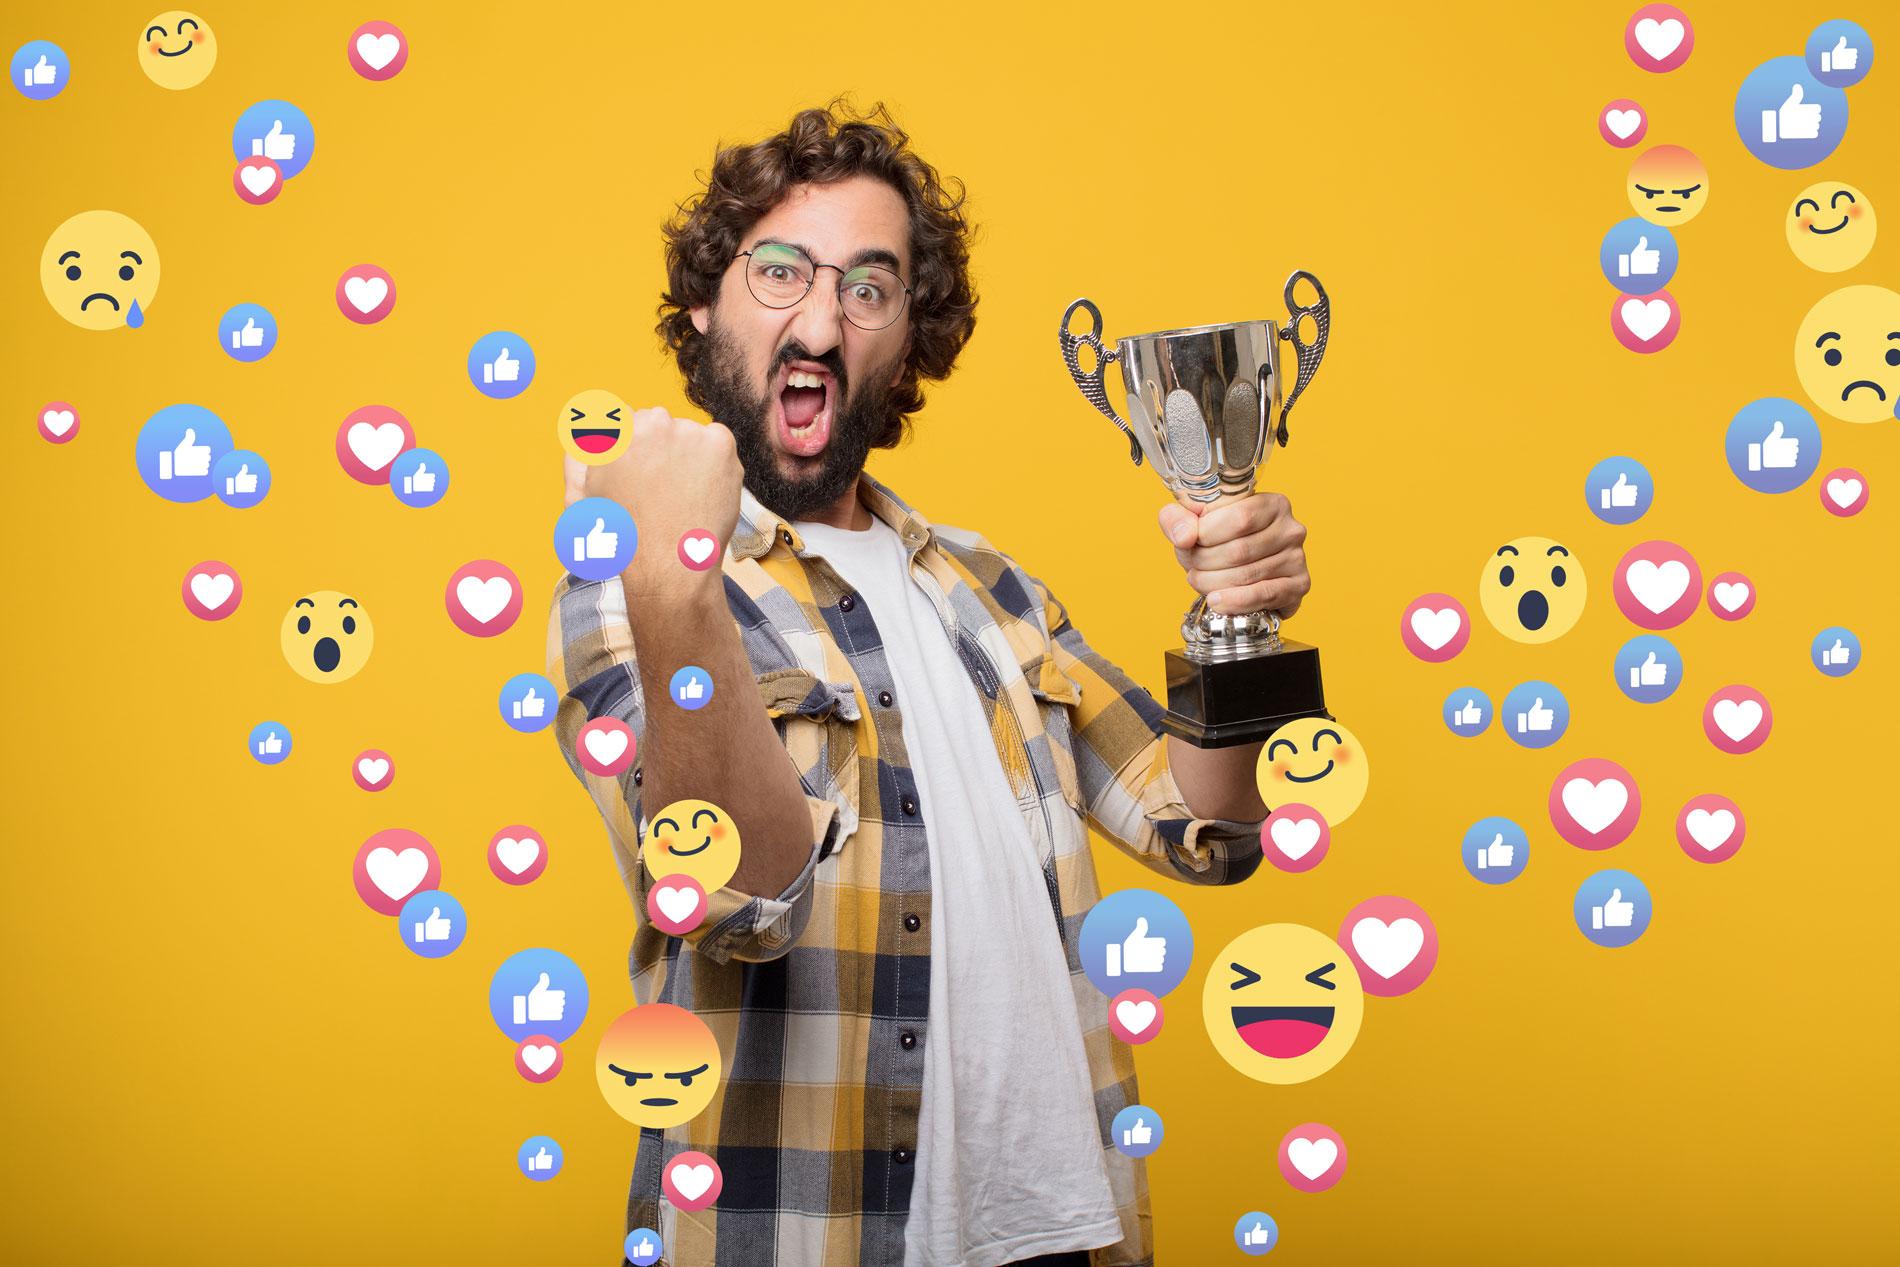 Social Media Contest Winner